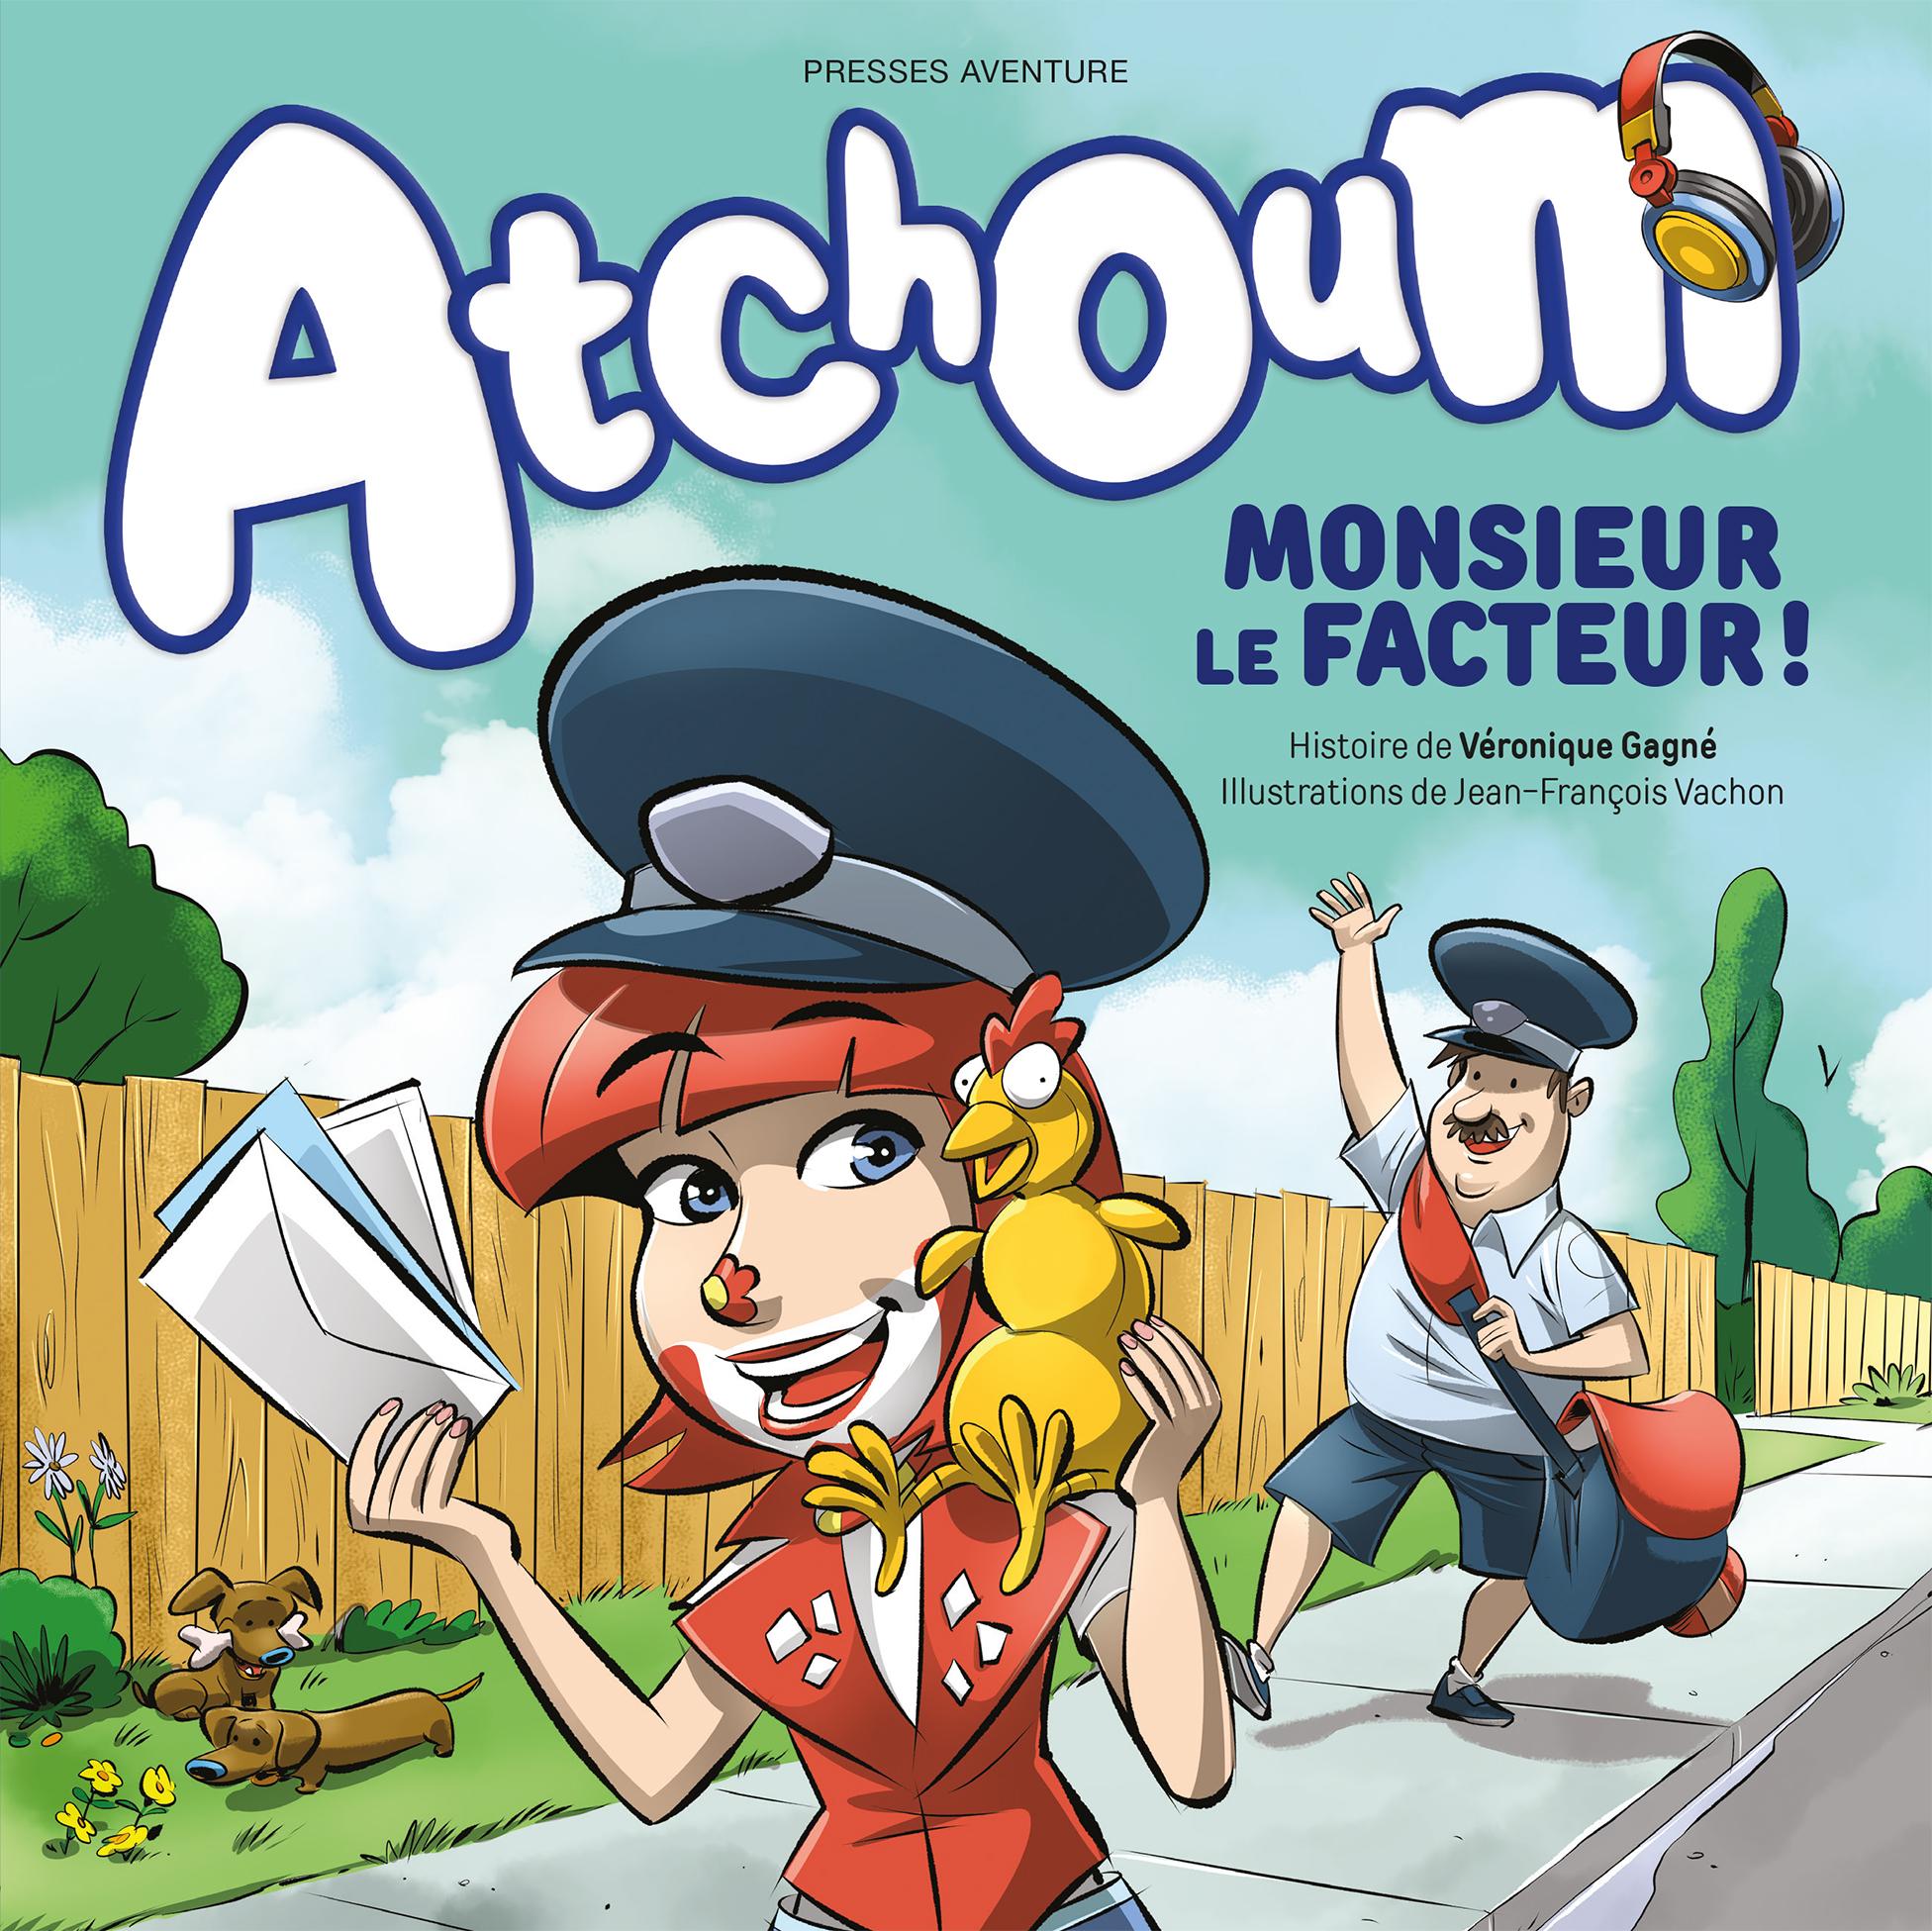 394_Atchoum_MonsieurLeFacteur_C1